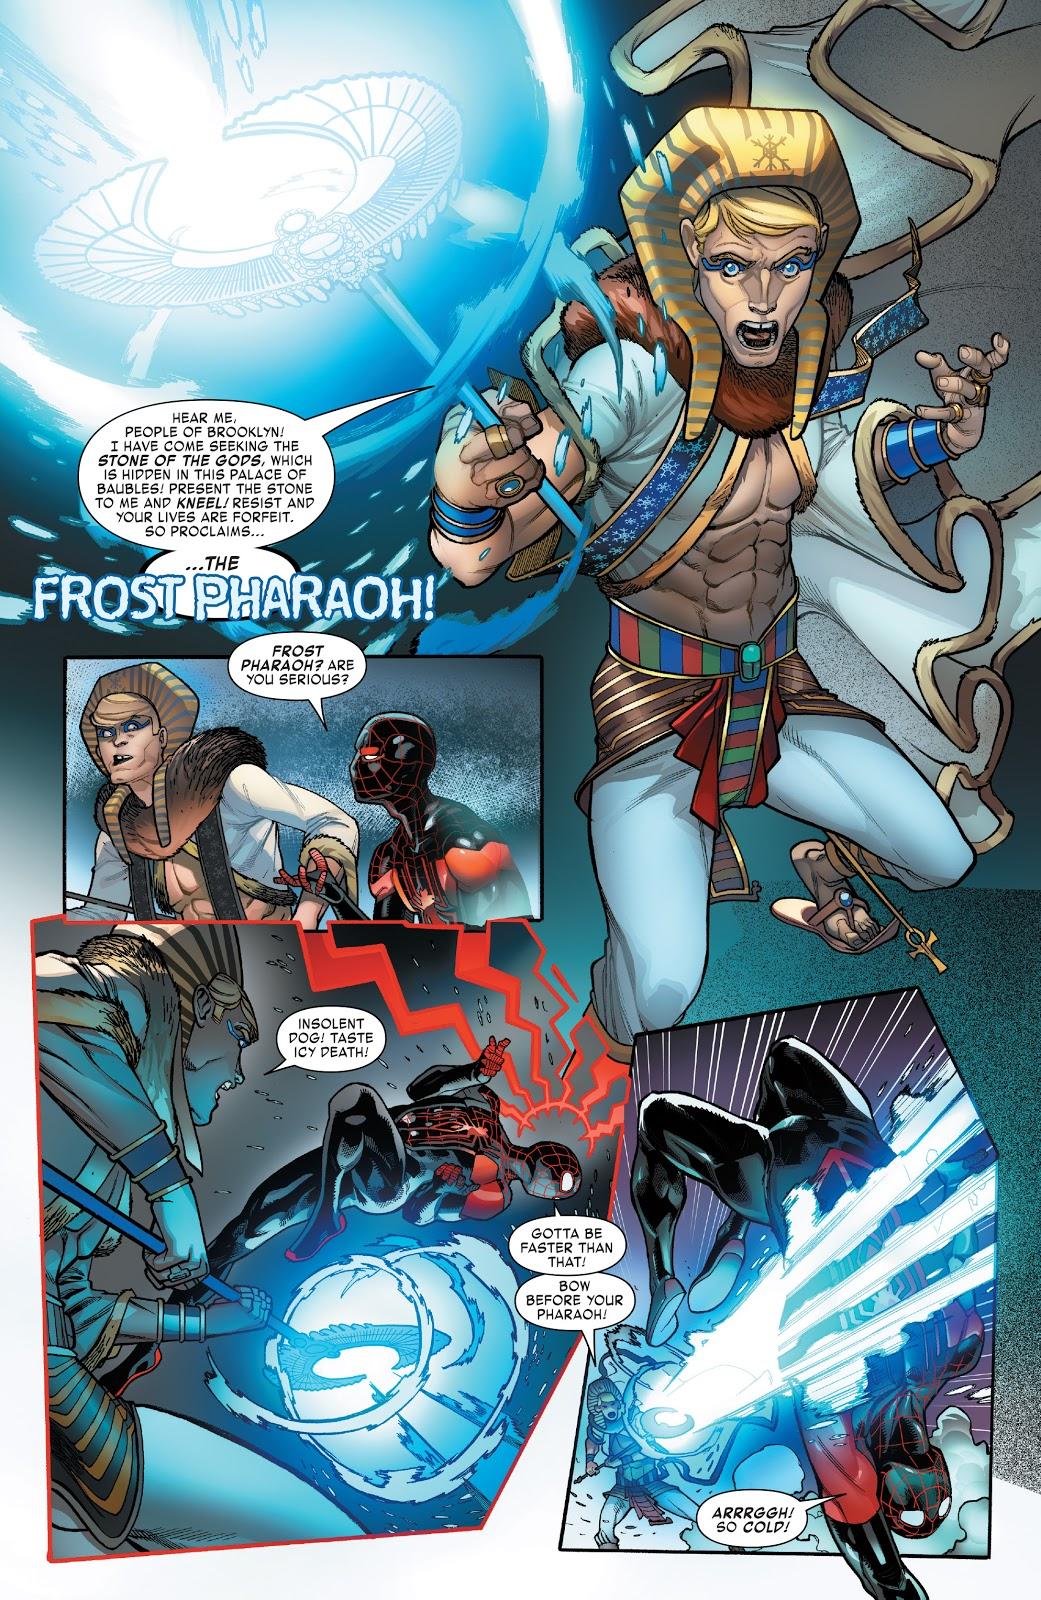 Spider-Man VS Frost Pharoah